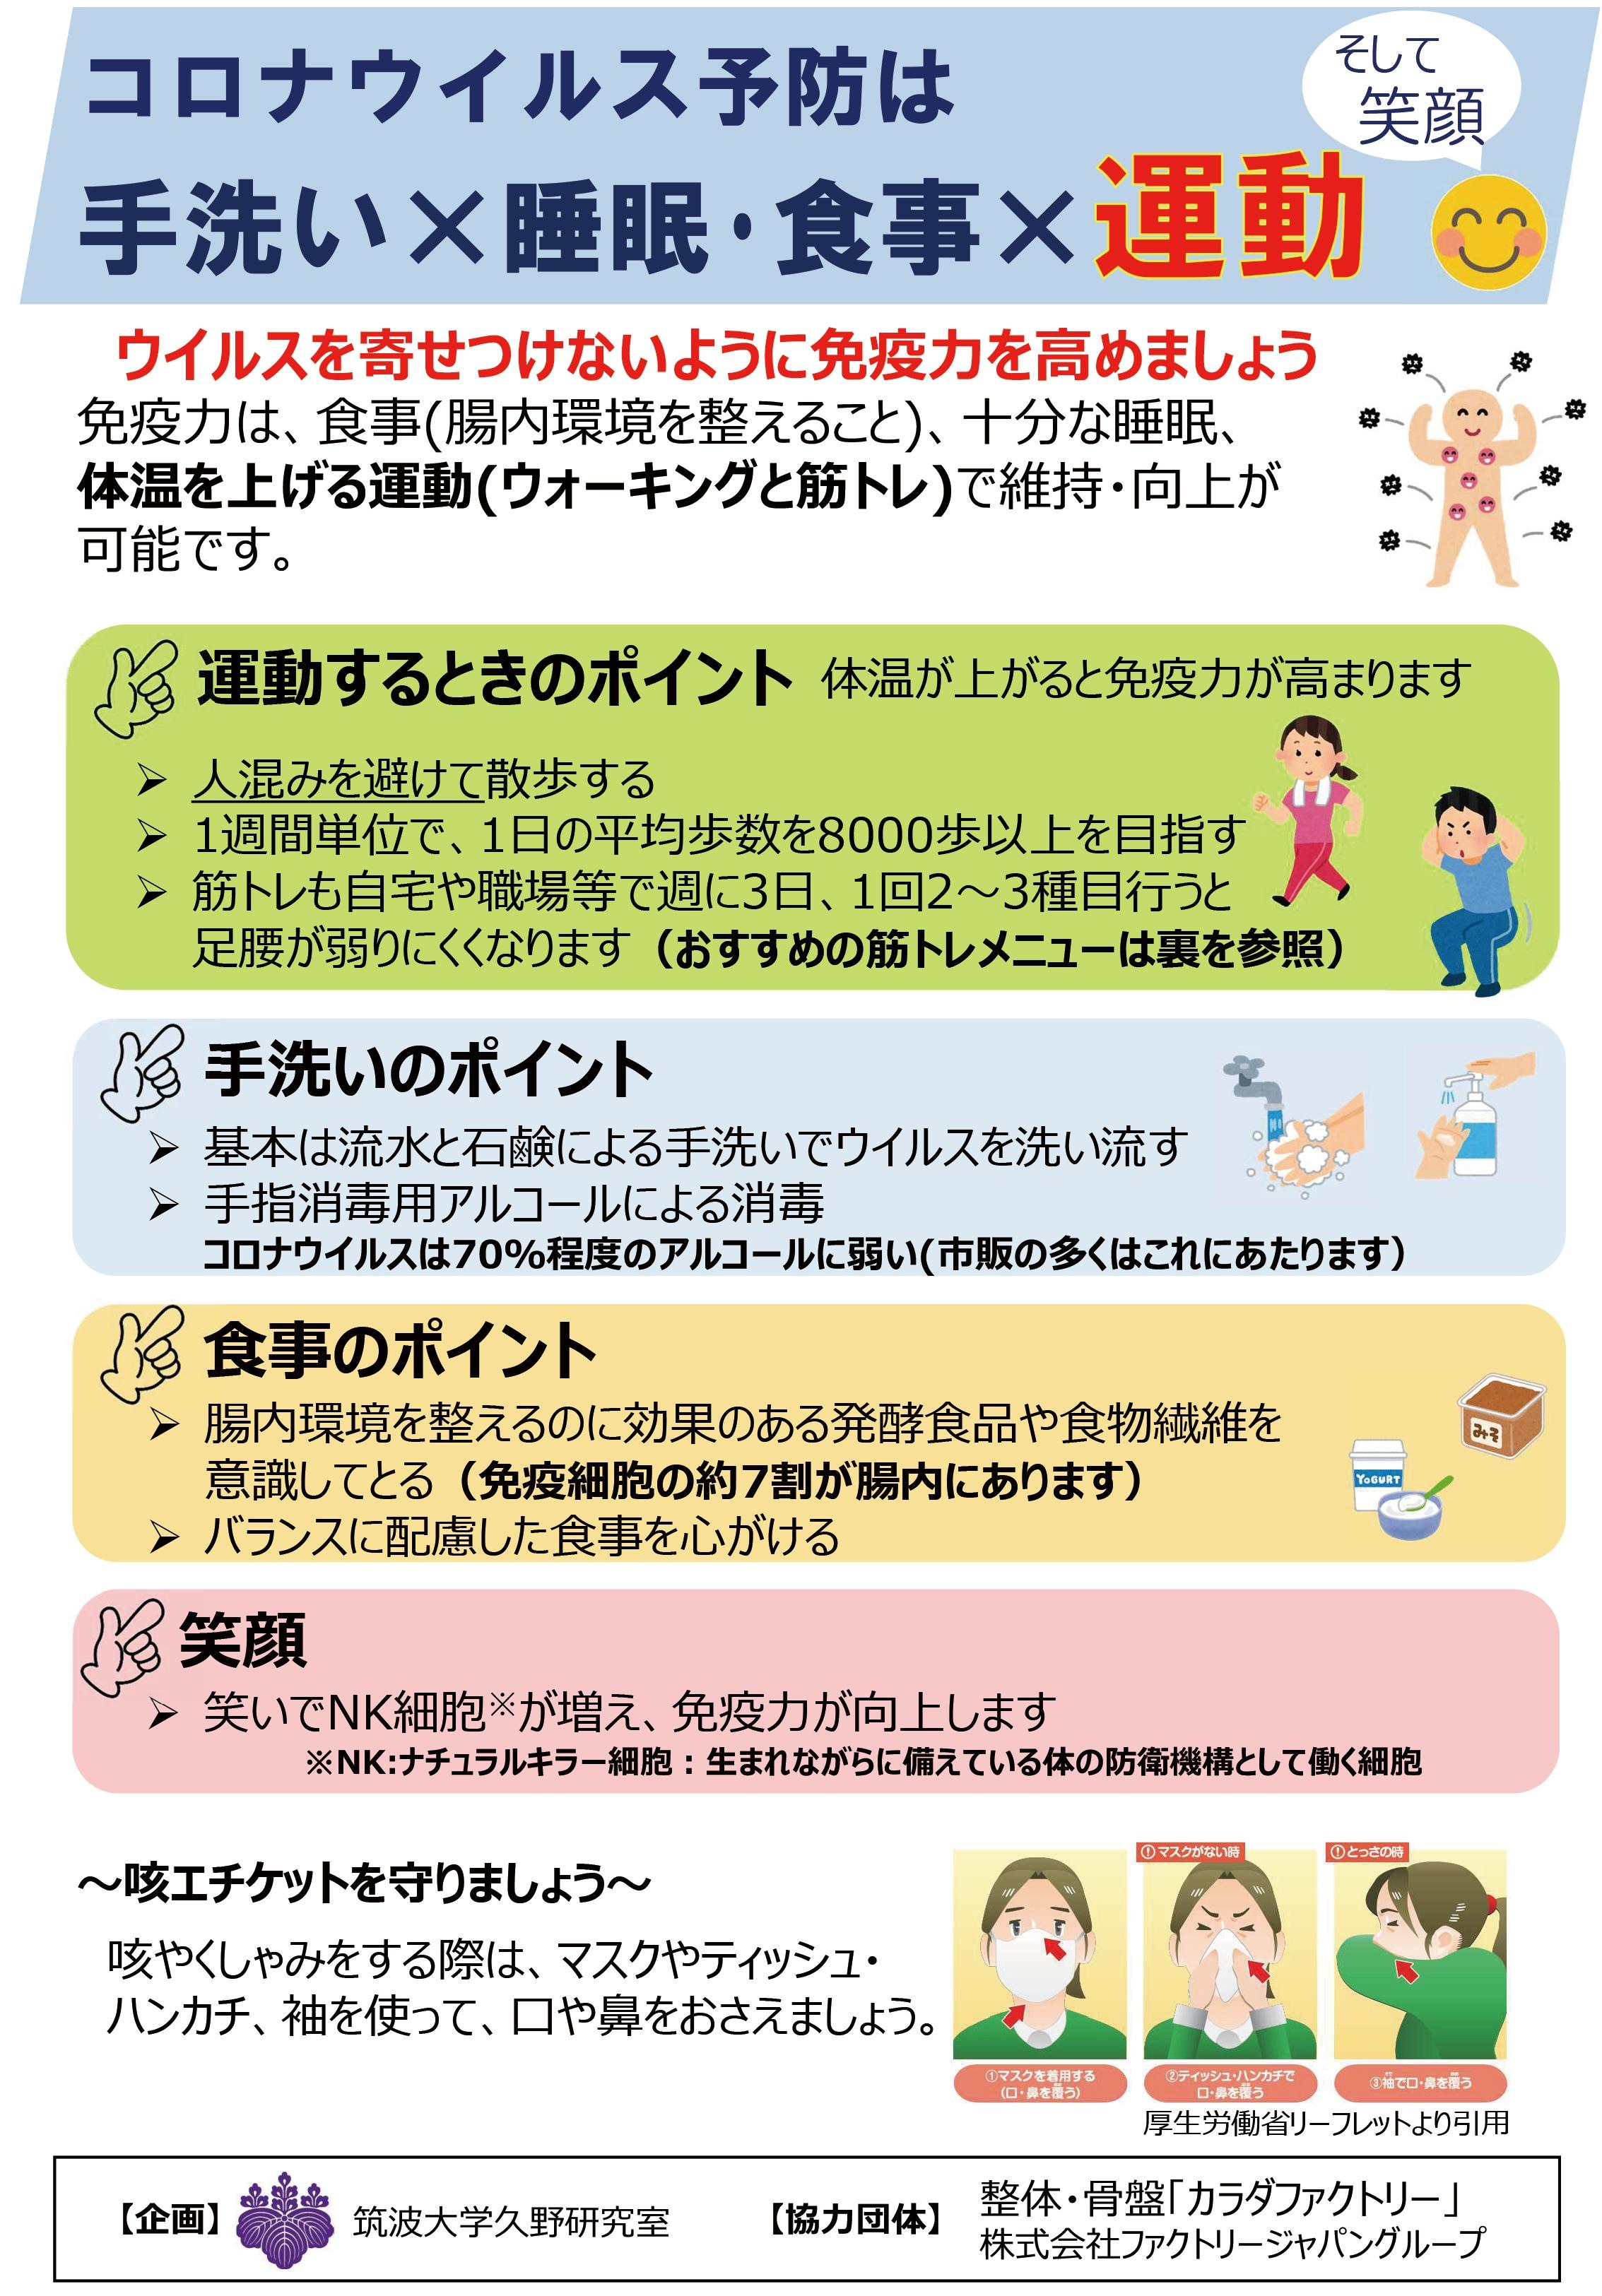 新型ウィルス予防画像1